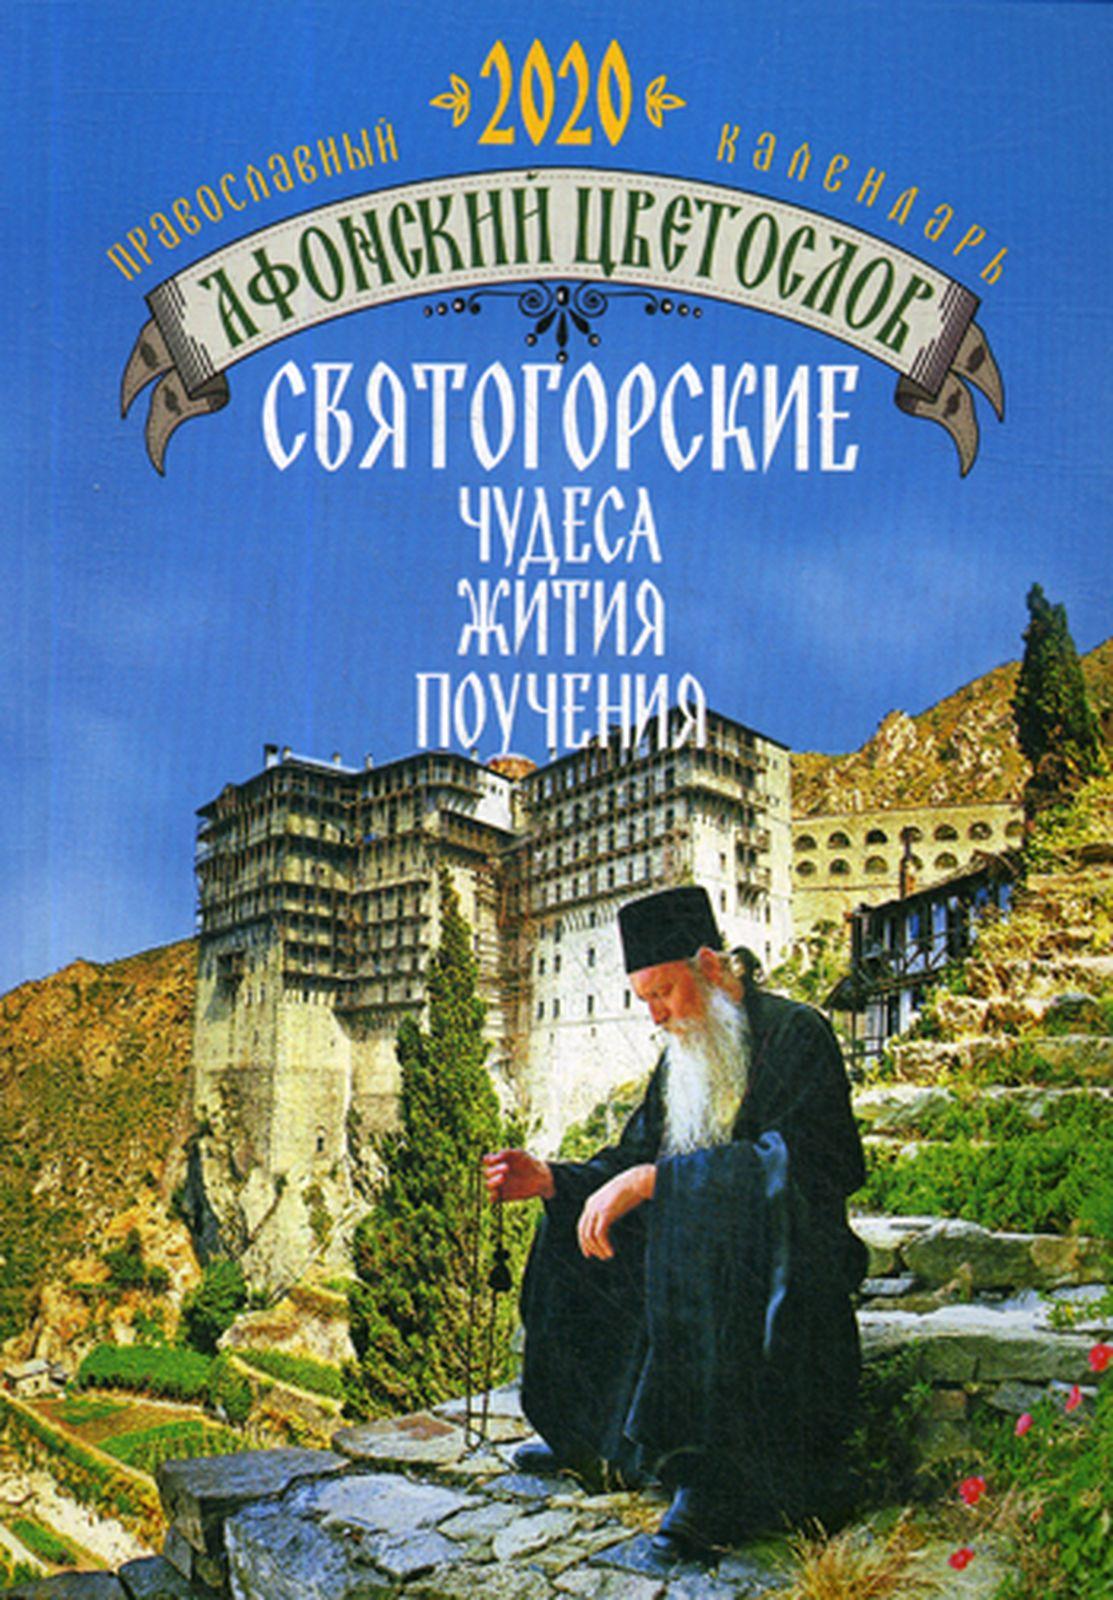 Афонский цветослов. Святогорские чудеса, жития, поучения. Православный календарь 2020 год